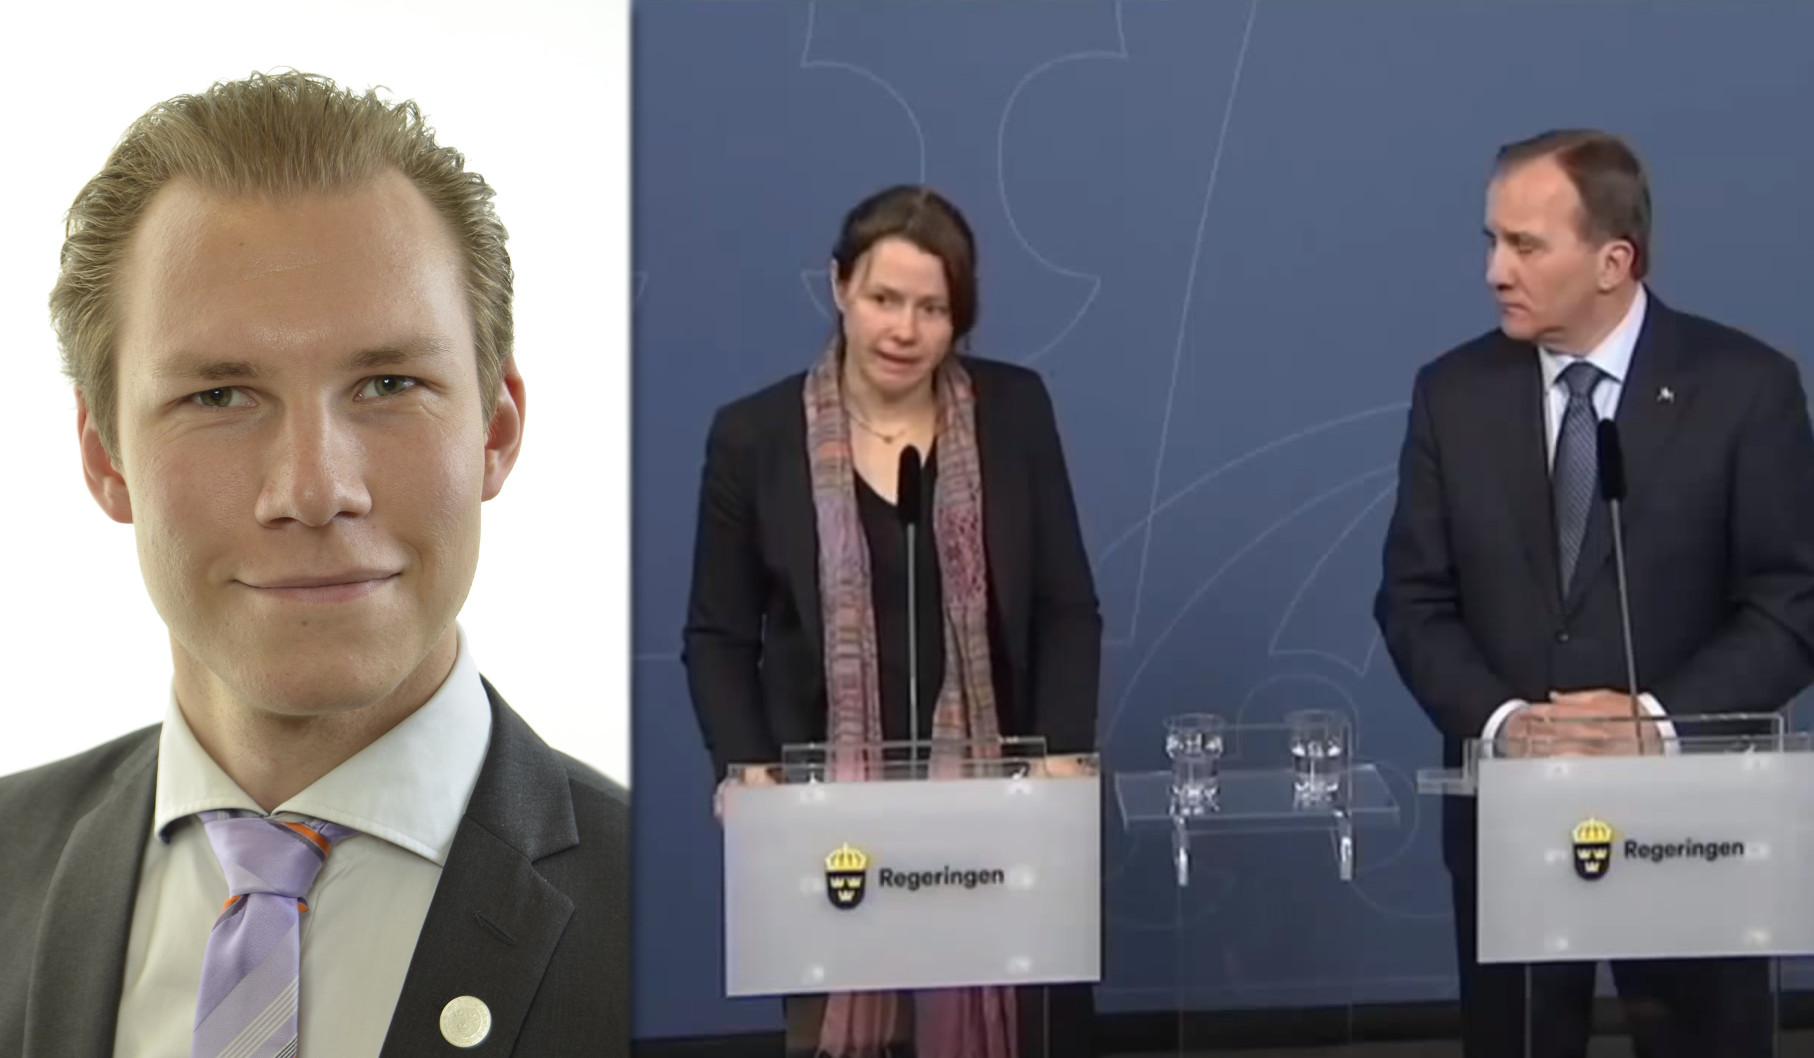 Markus Wiechel är riksdagsledamot för Sverigedemokraterna. Foto: Riksdagen/Regeringen